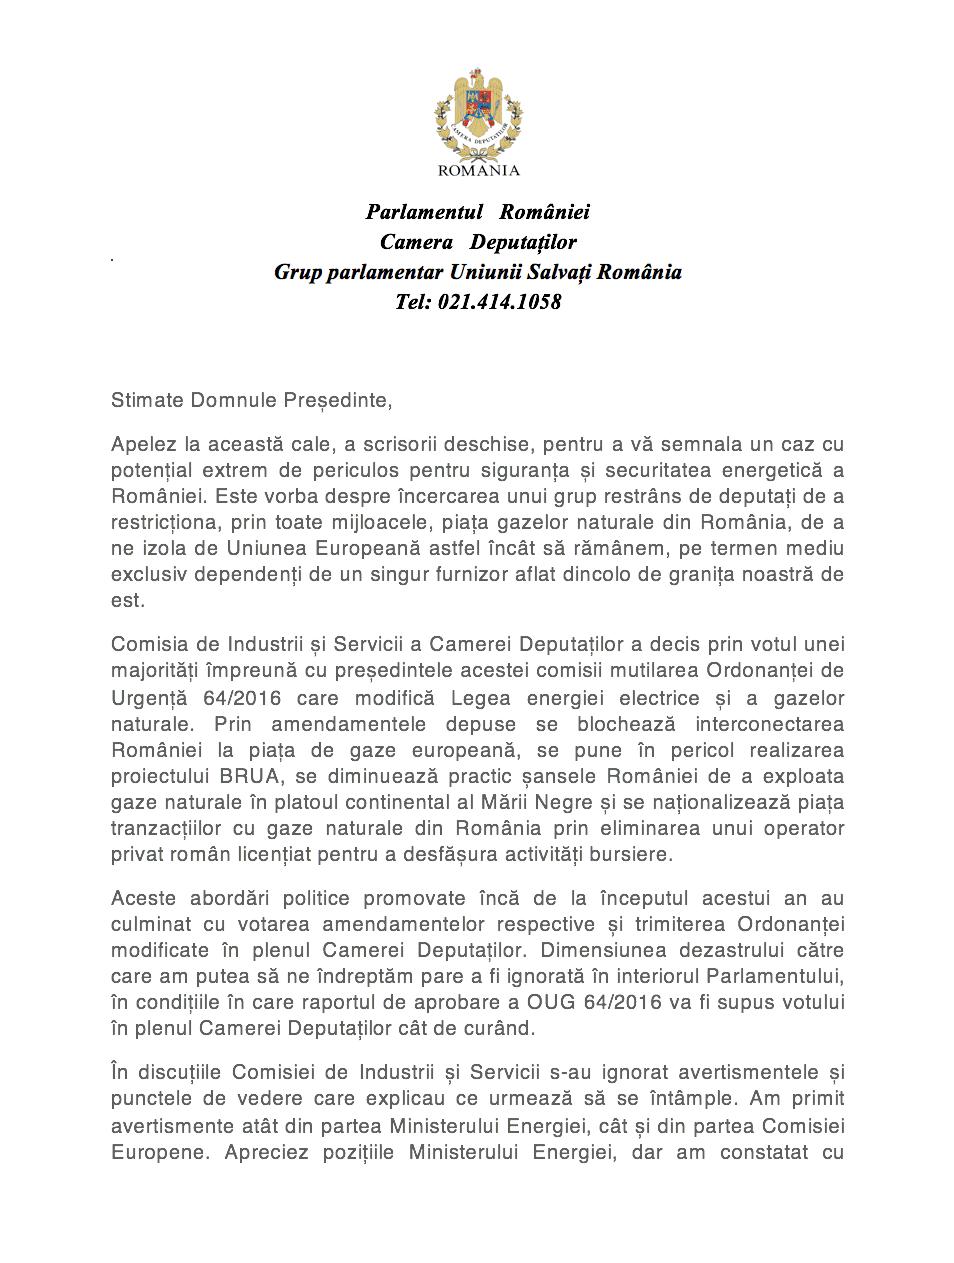 Scrisoare deschisă: PSD naționalizează piața de gaze naturale din România și împinge țara spre infringement